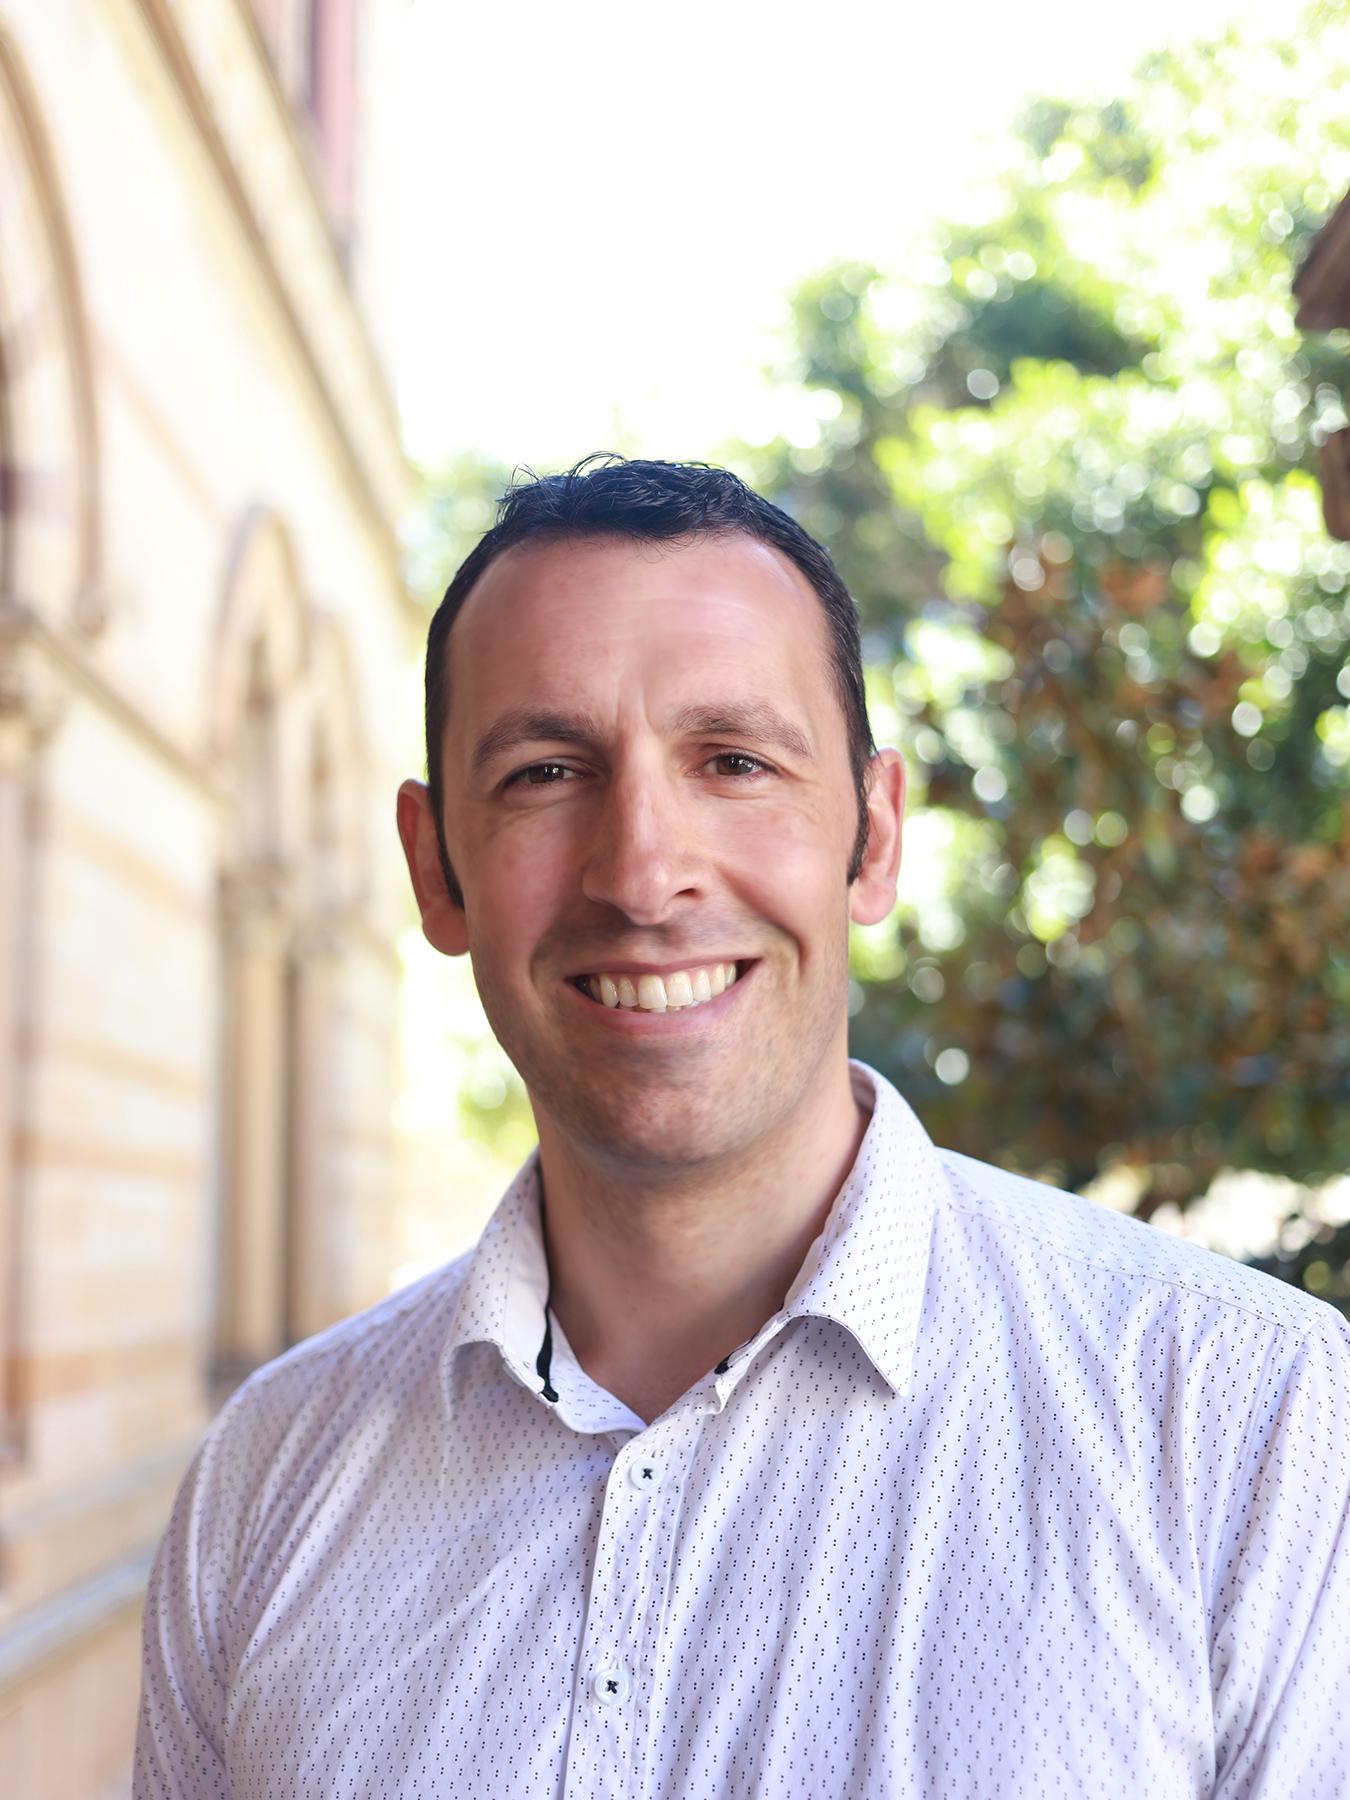 Mr Steve Benson